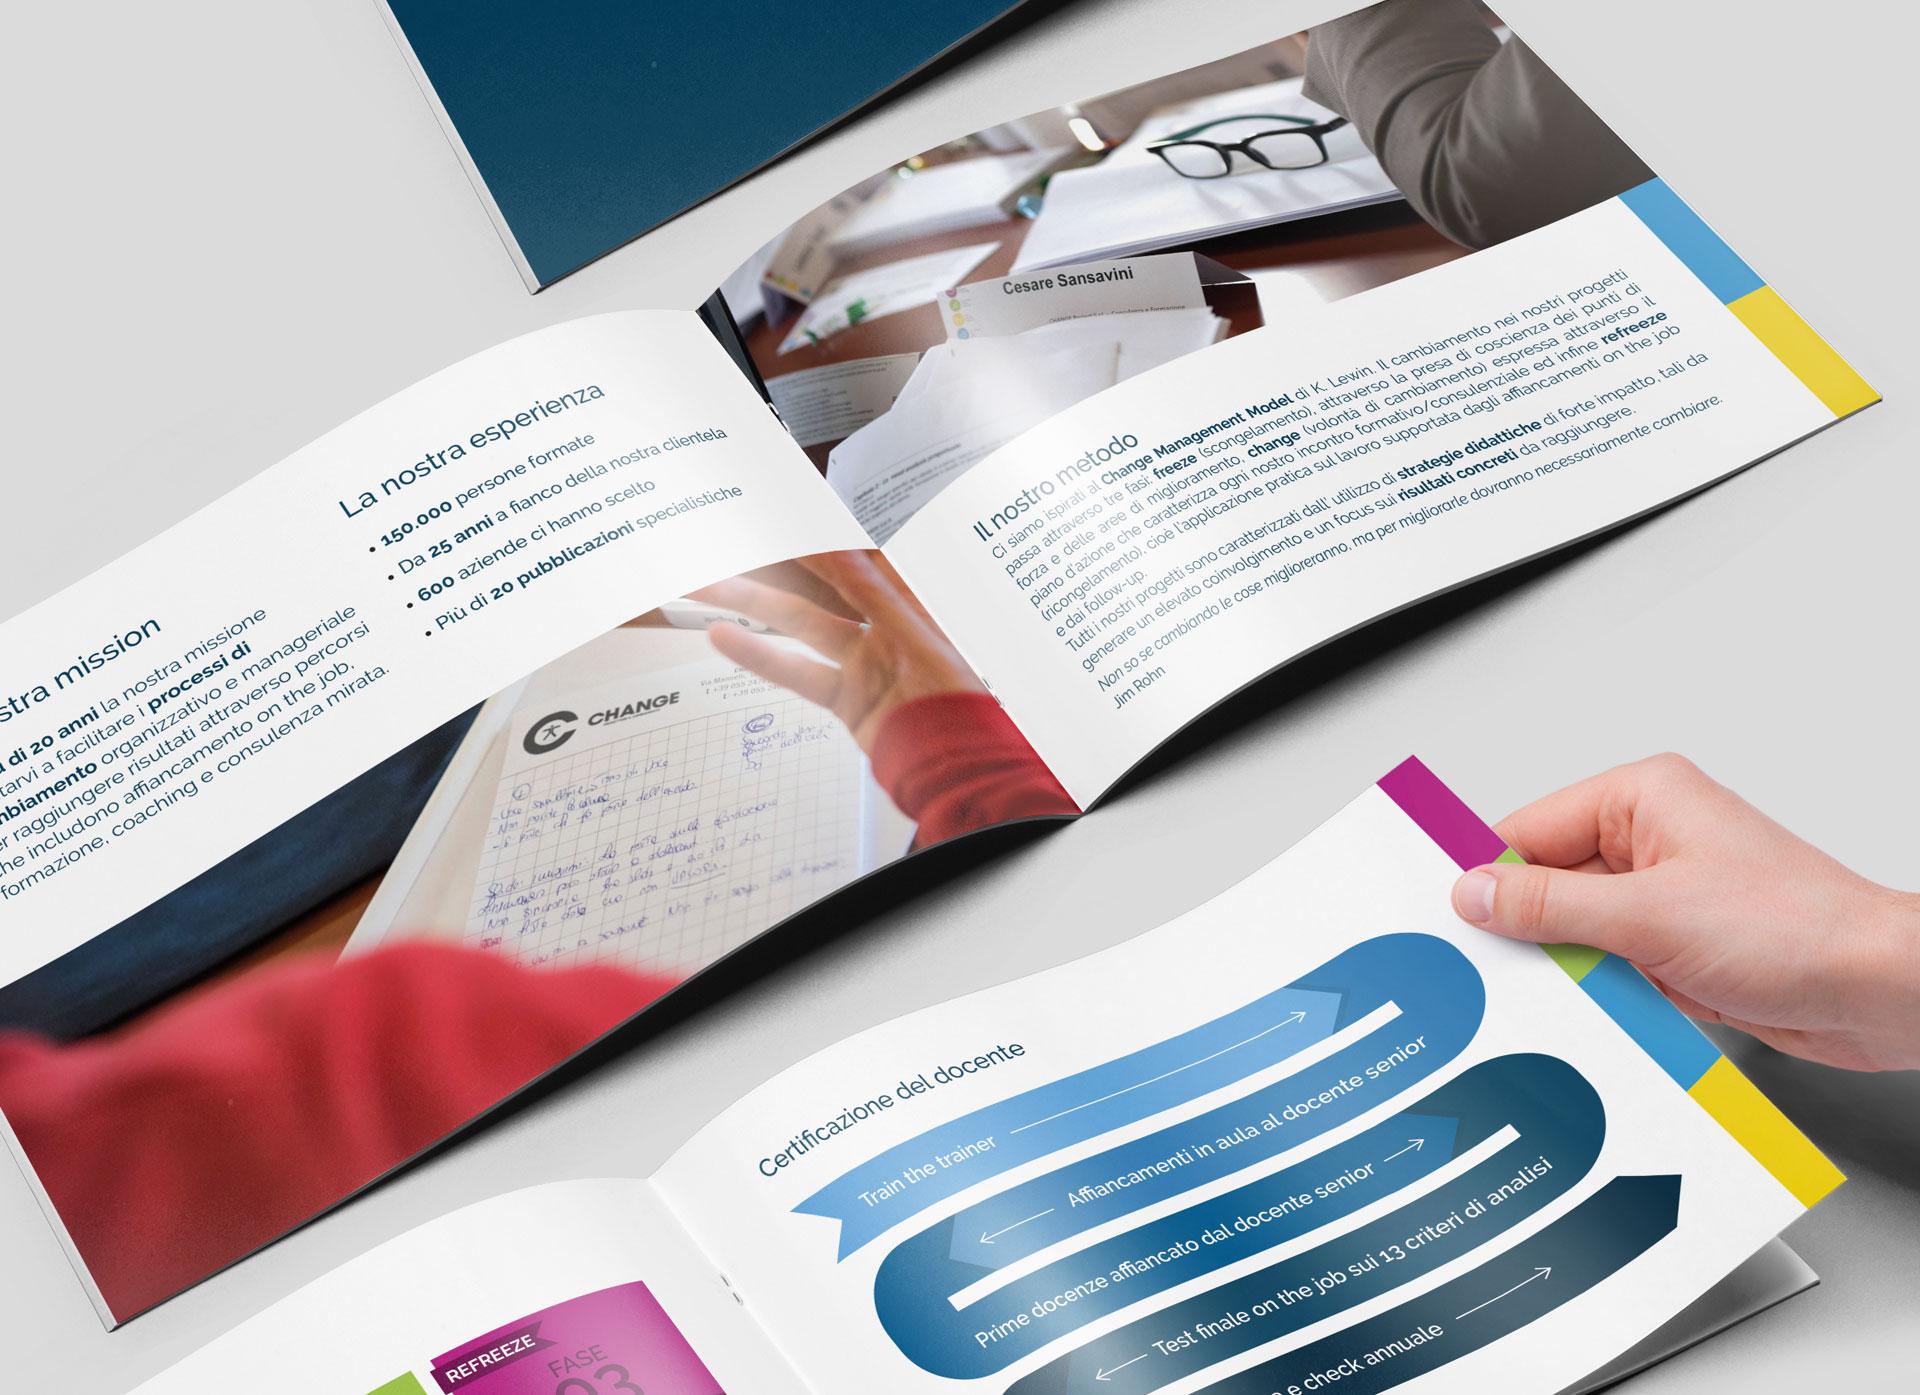 change-project-brochure2-zerouno-design